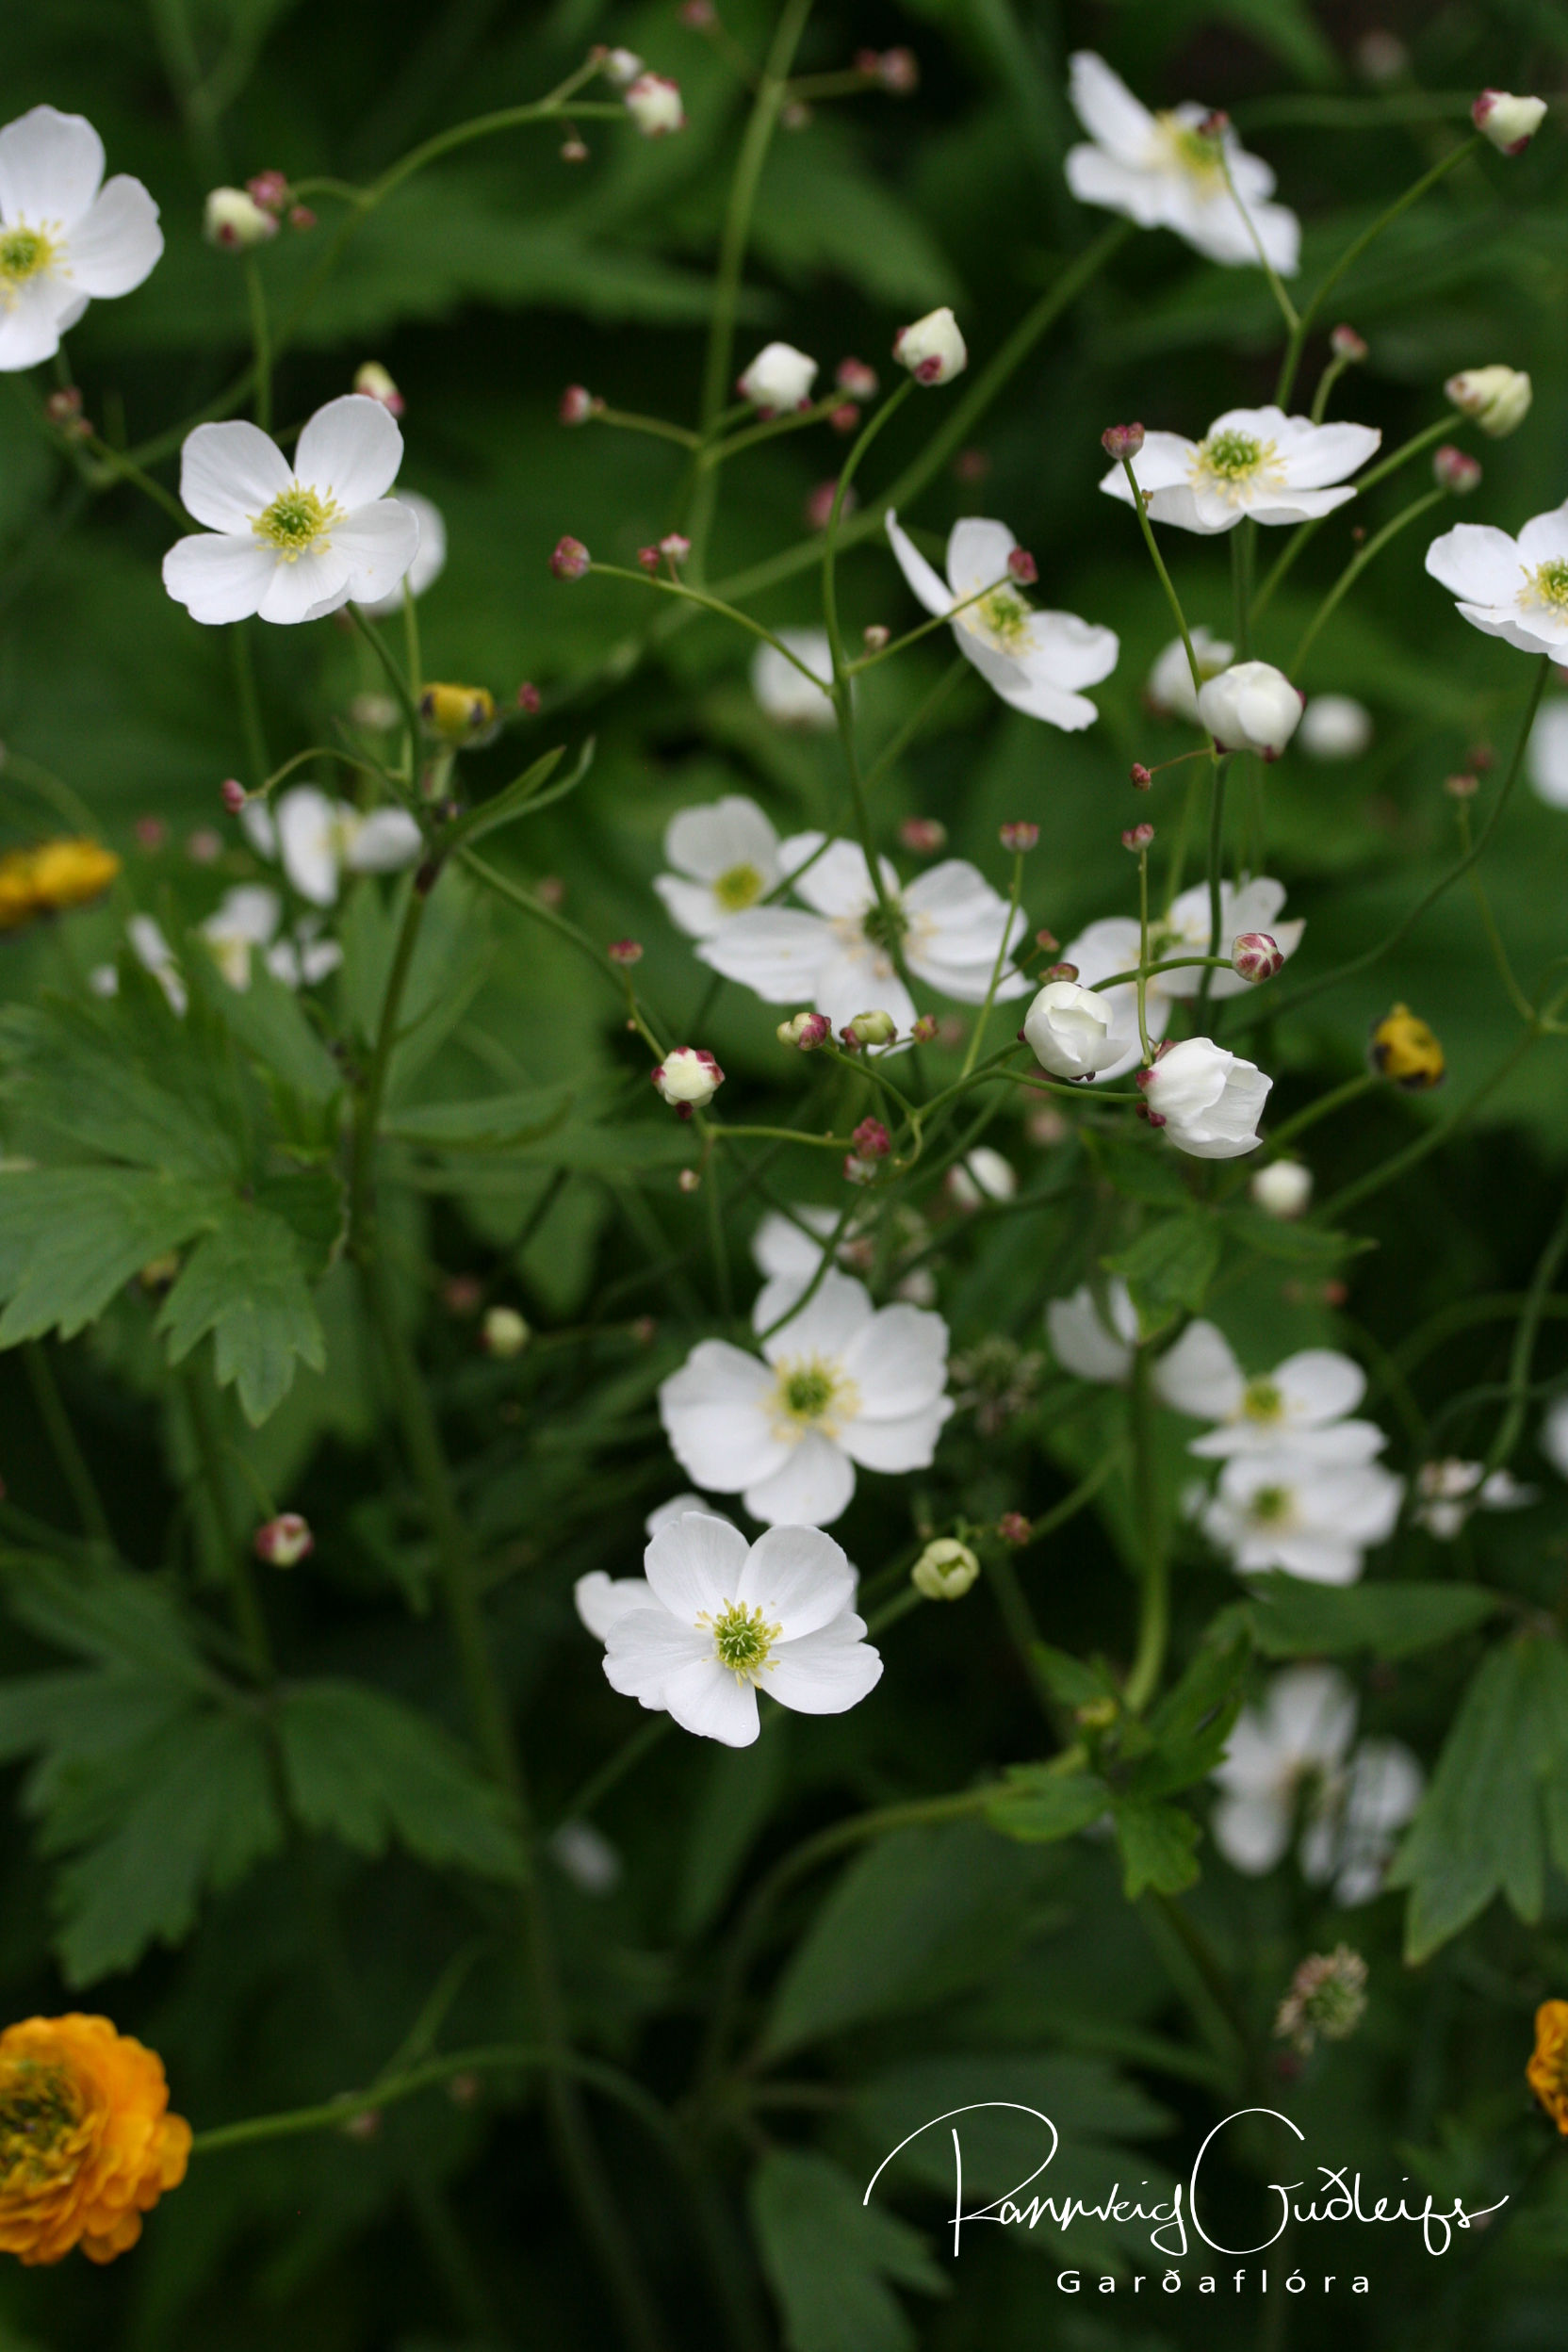 Ranunculus platanifolius